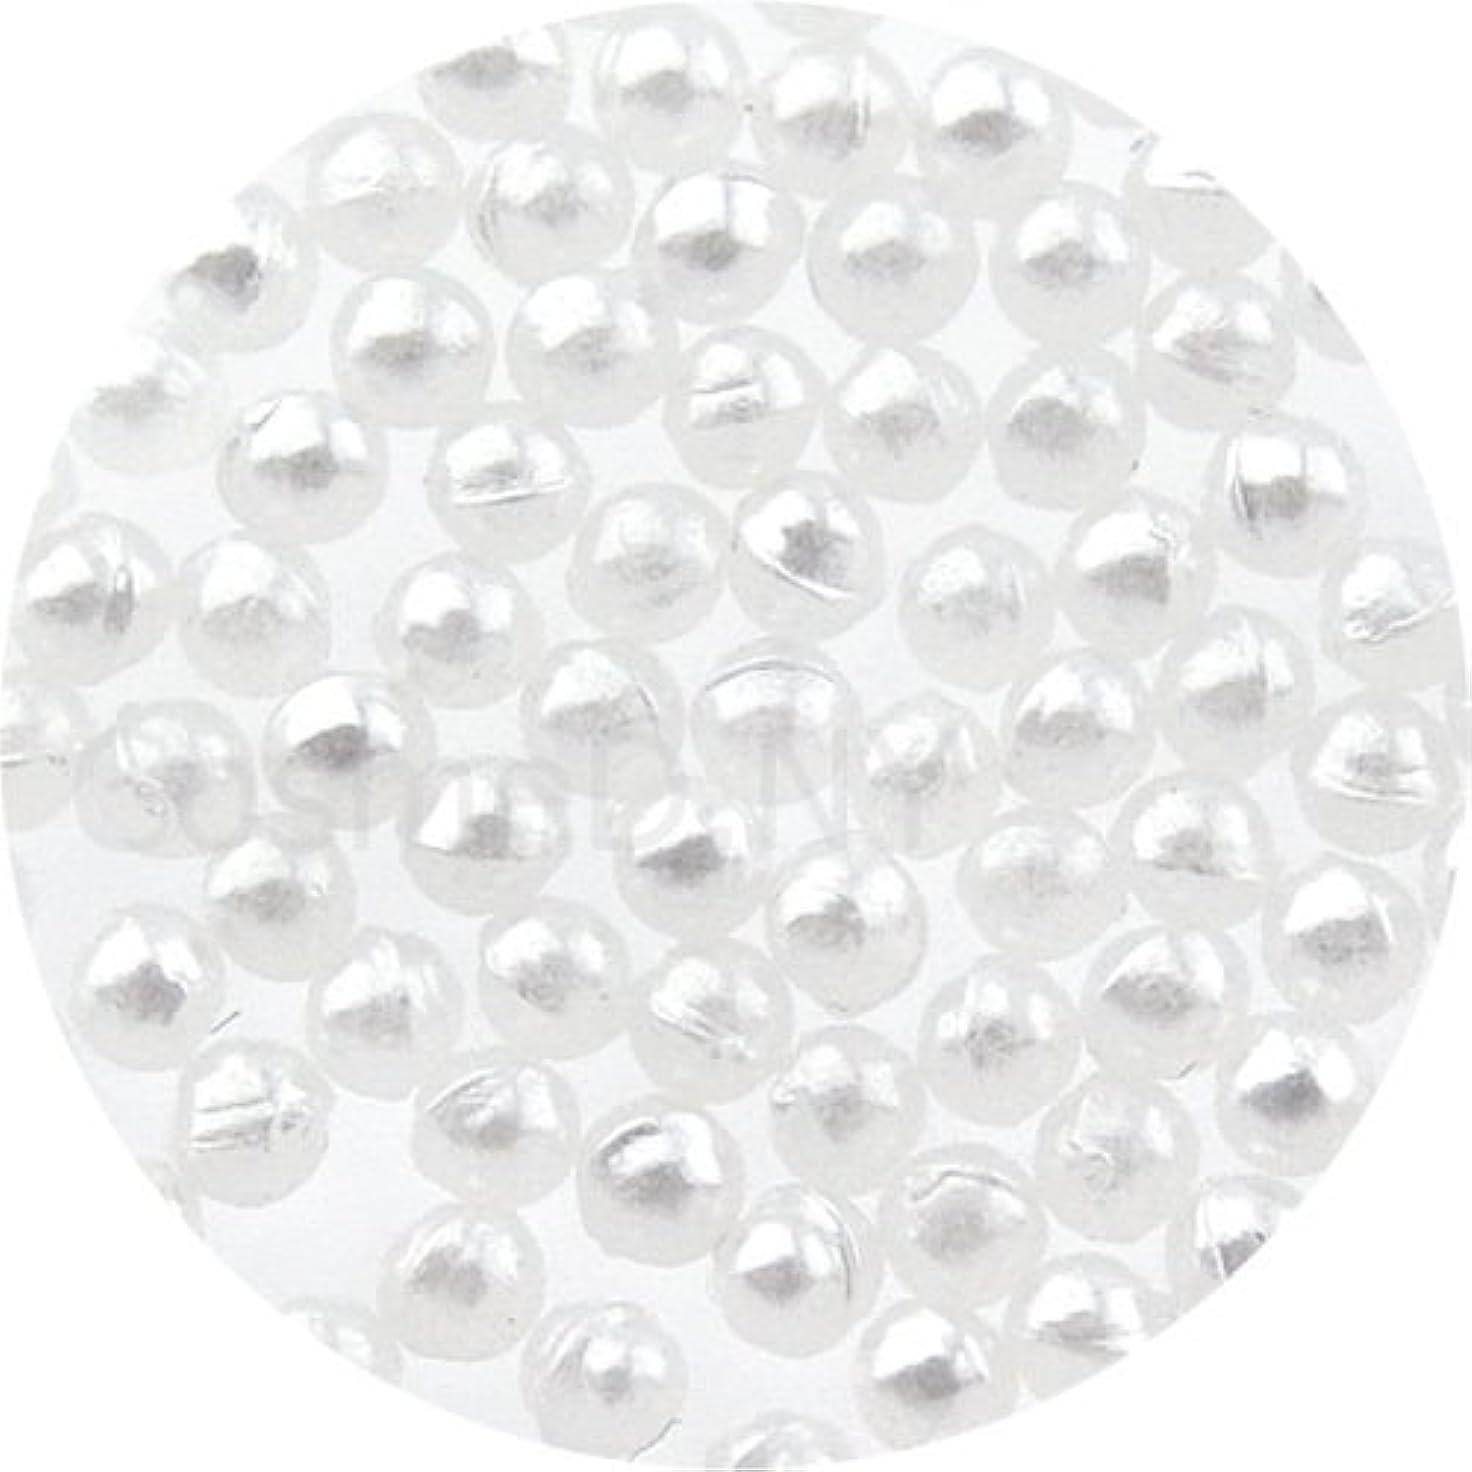 事前怒って溶けたパールストーン球1.5mmホワイト